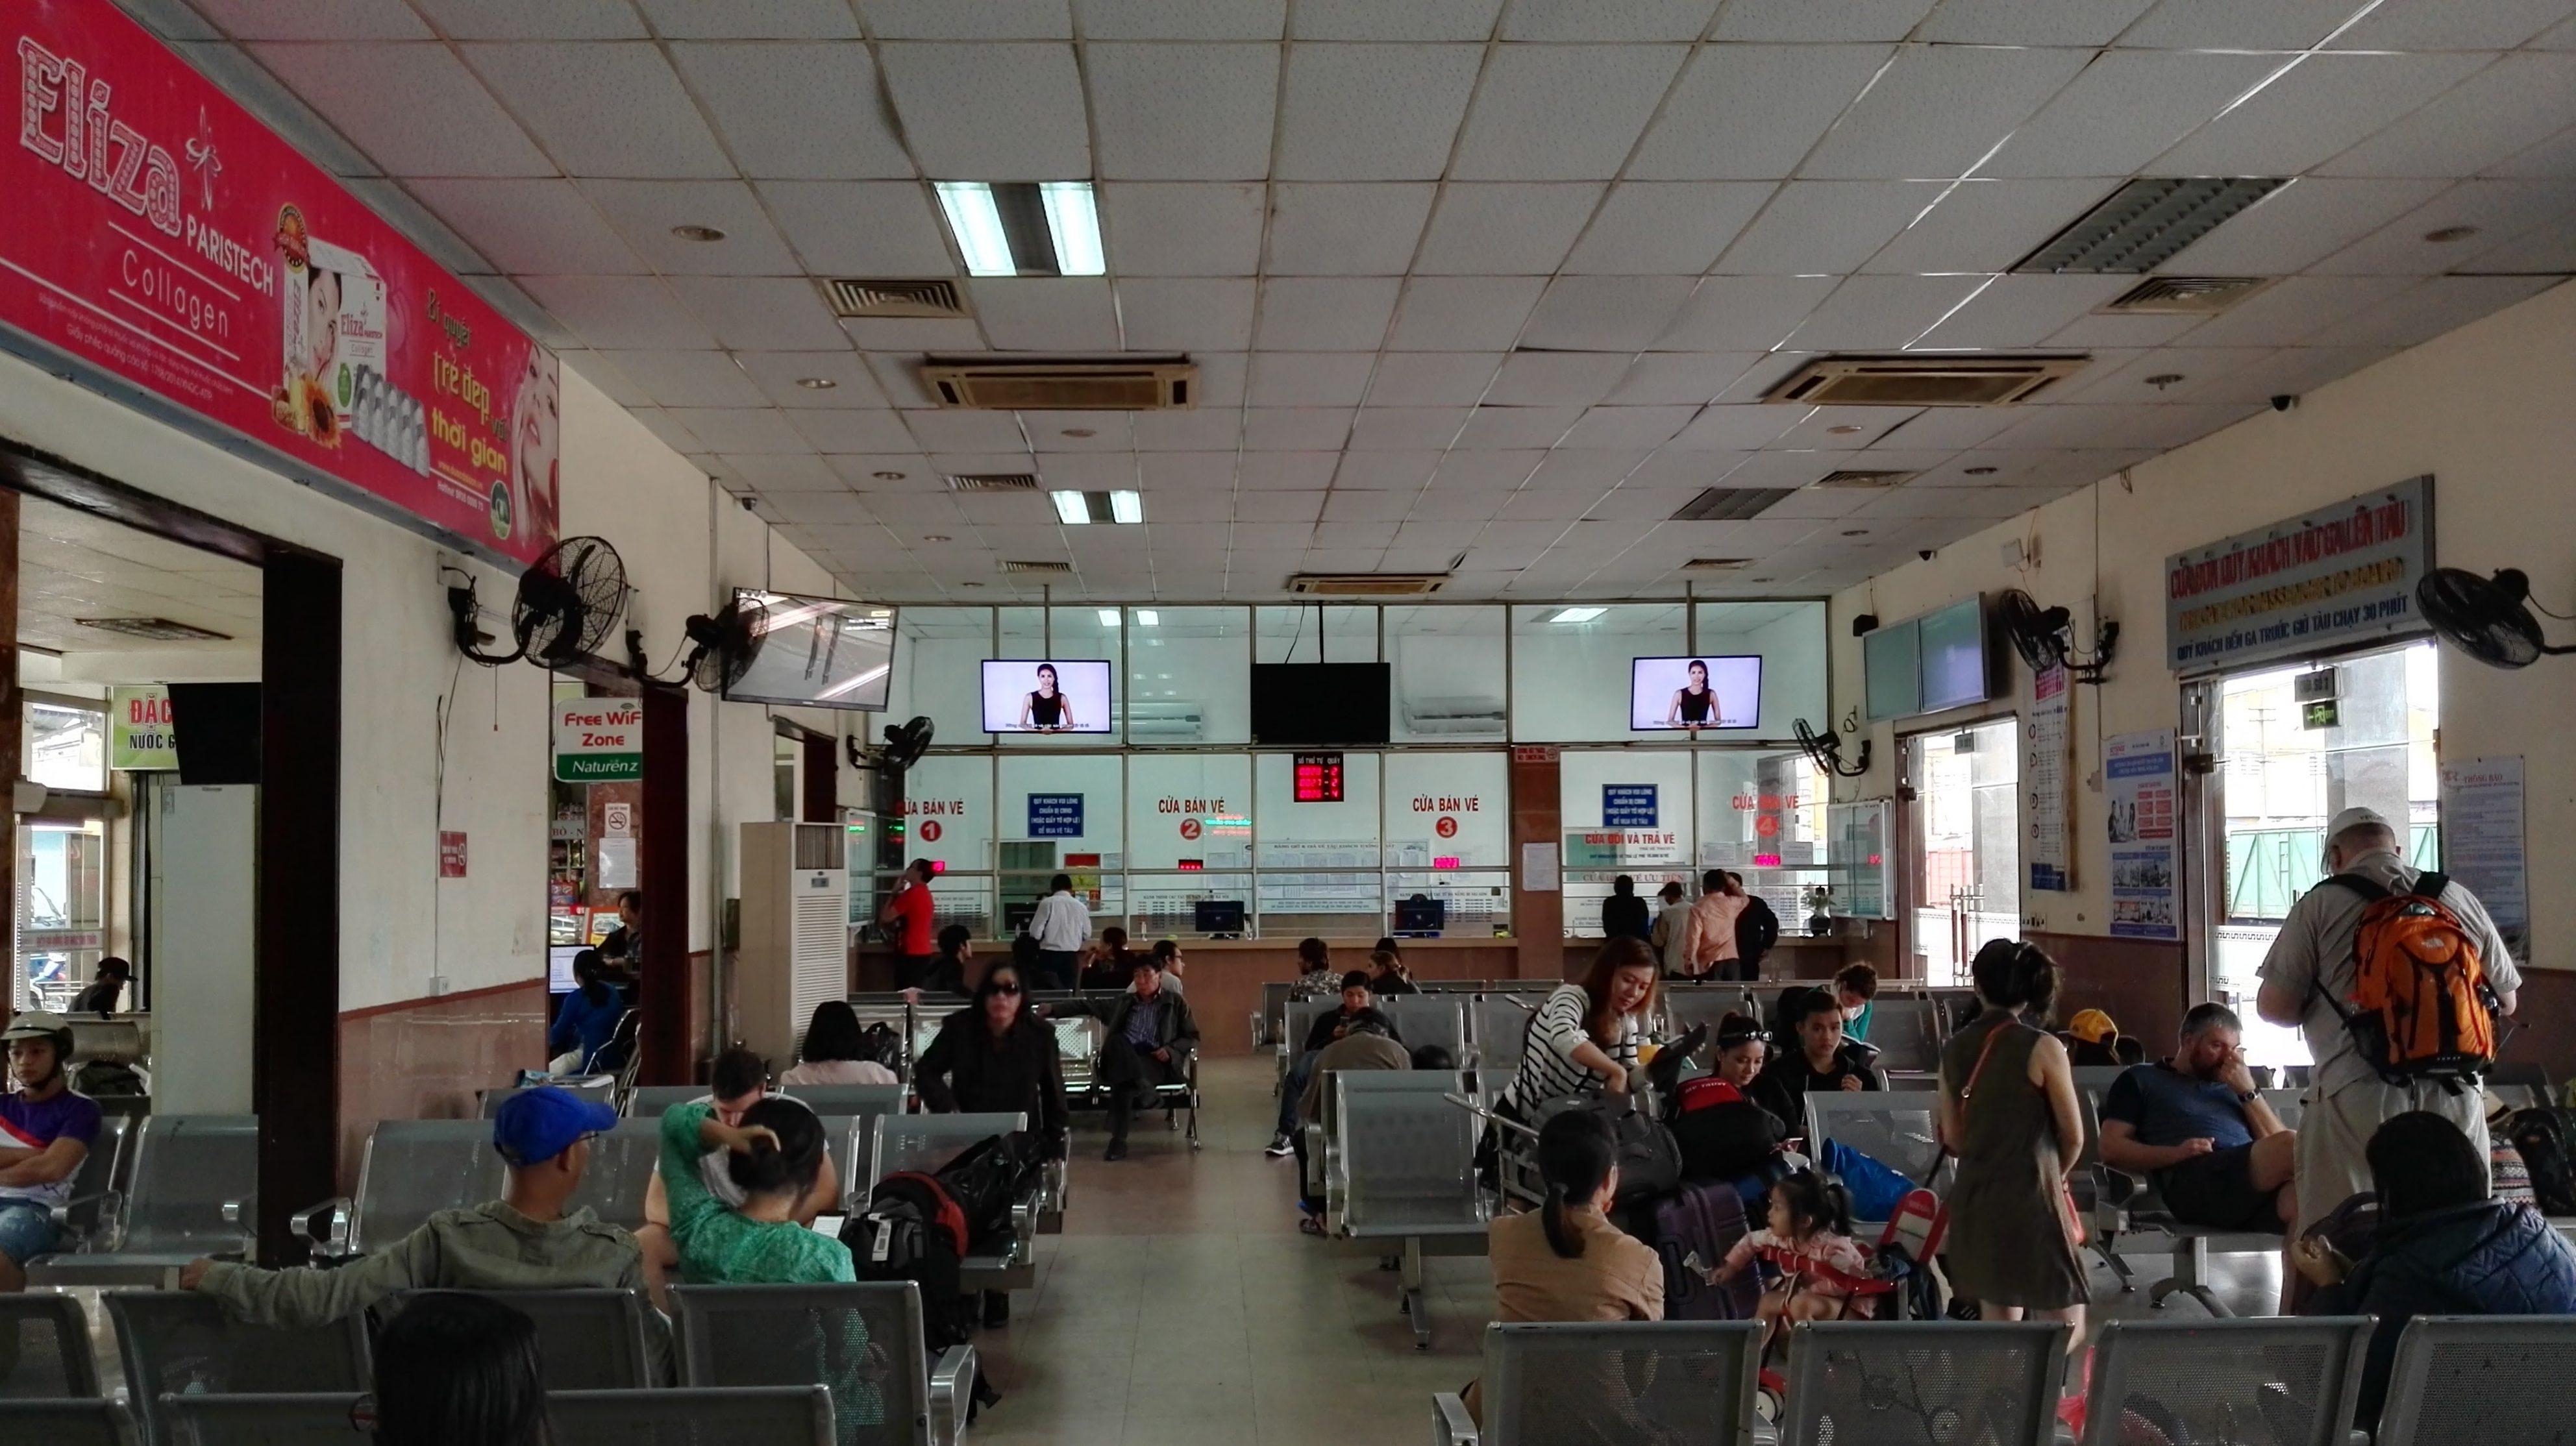 The waiting area at Da Nang Train Station.